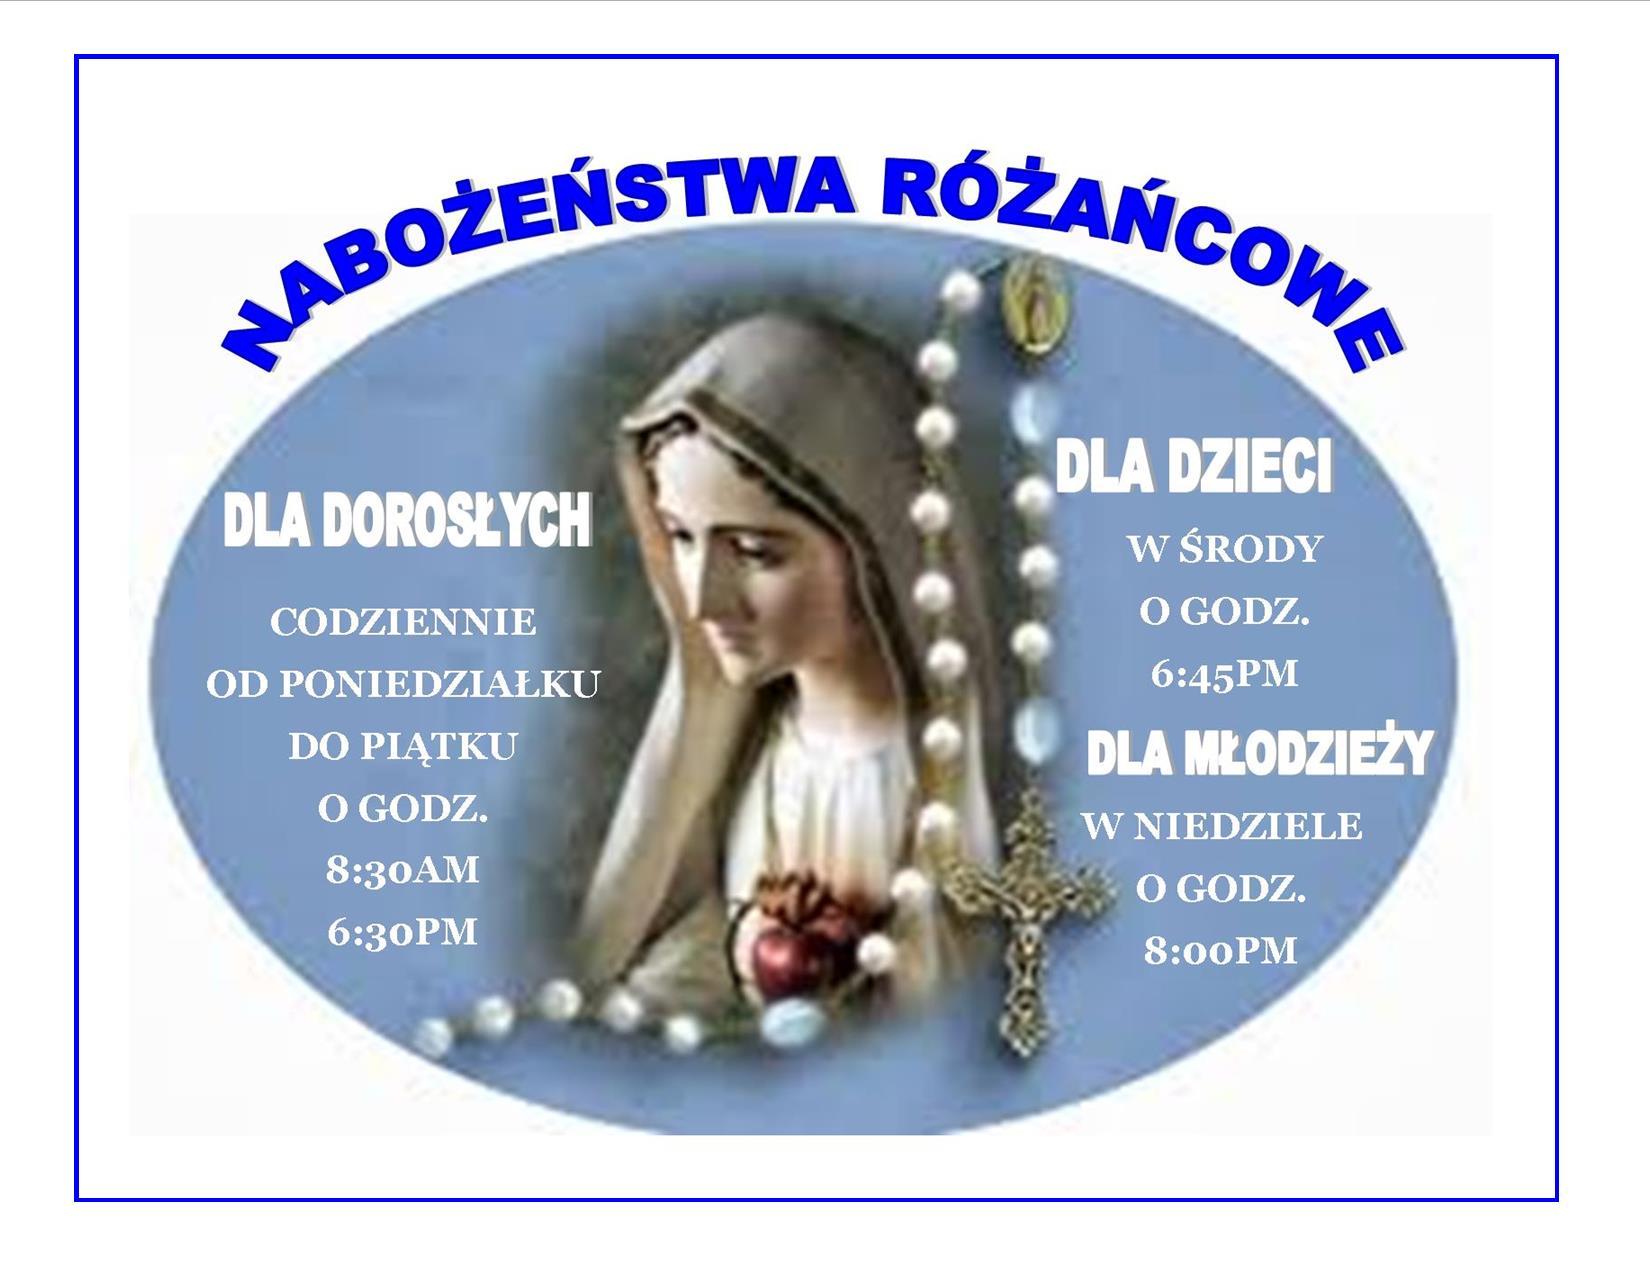 modlitwa-rozancowa